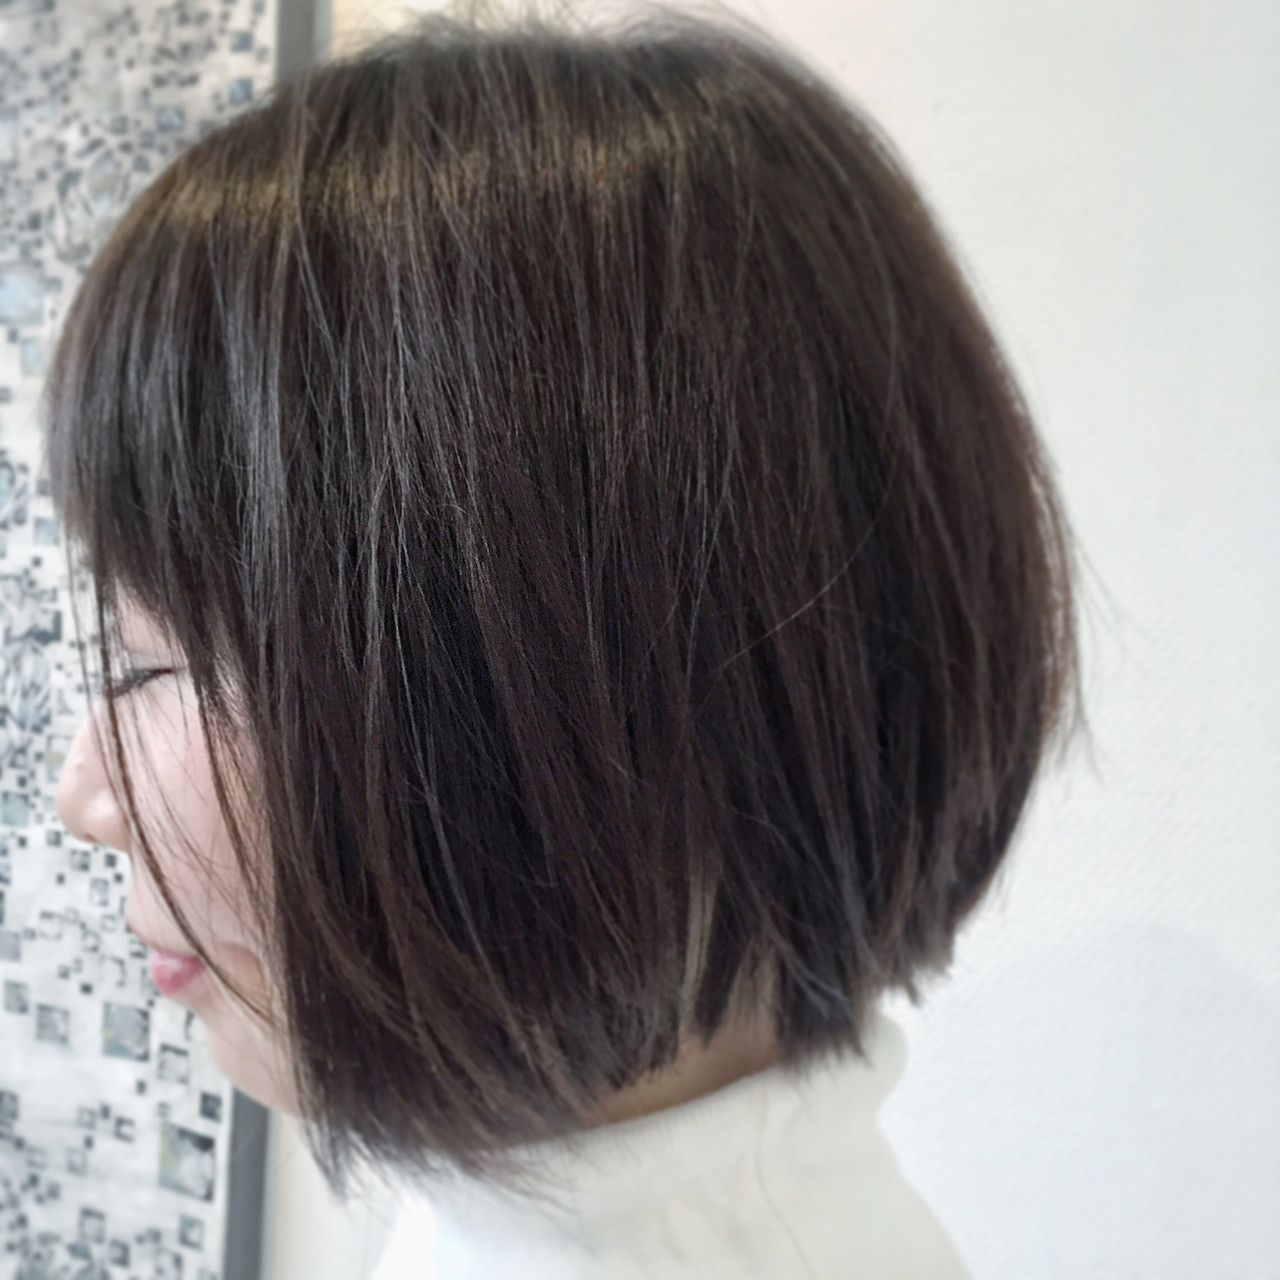 アッシュ グレージュ ショート ナチュラル ヘアスタイルや髪型の写真・画像